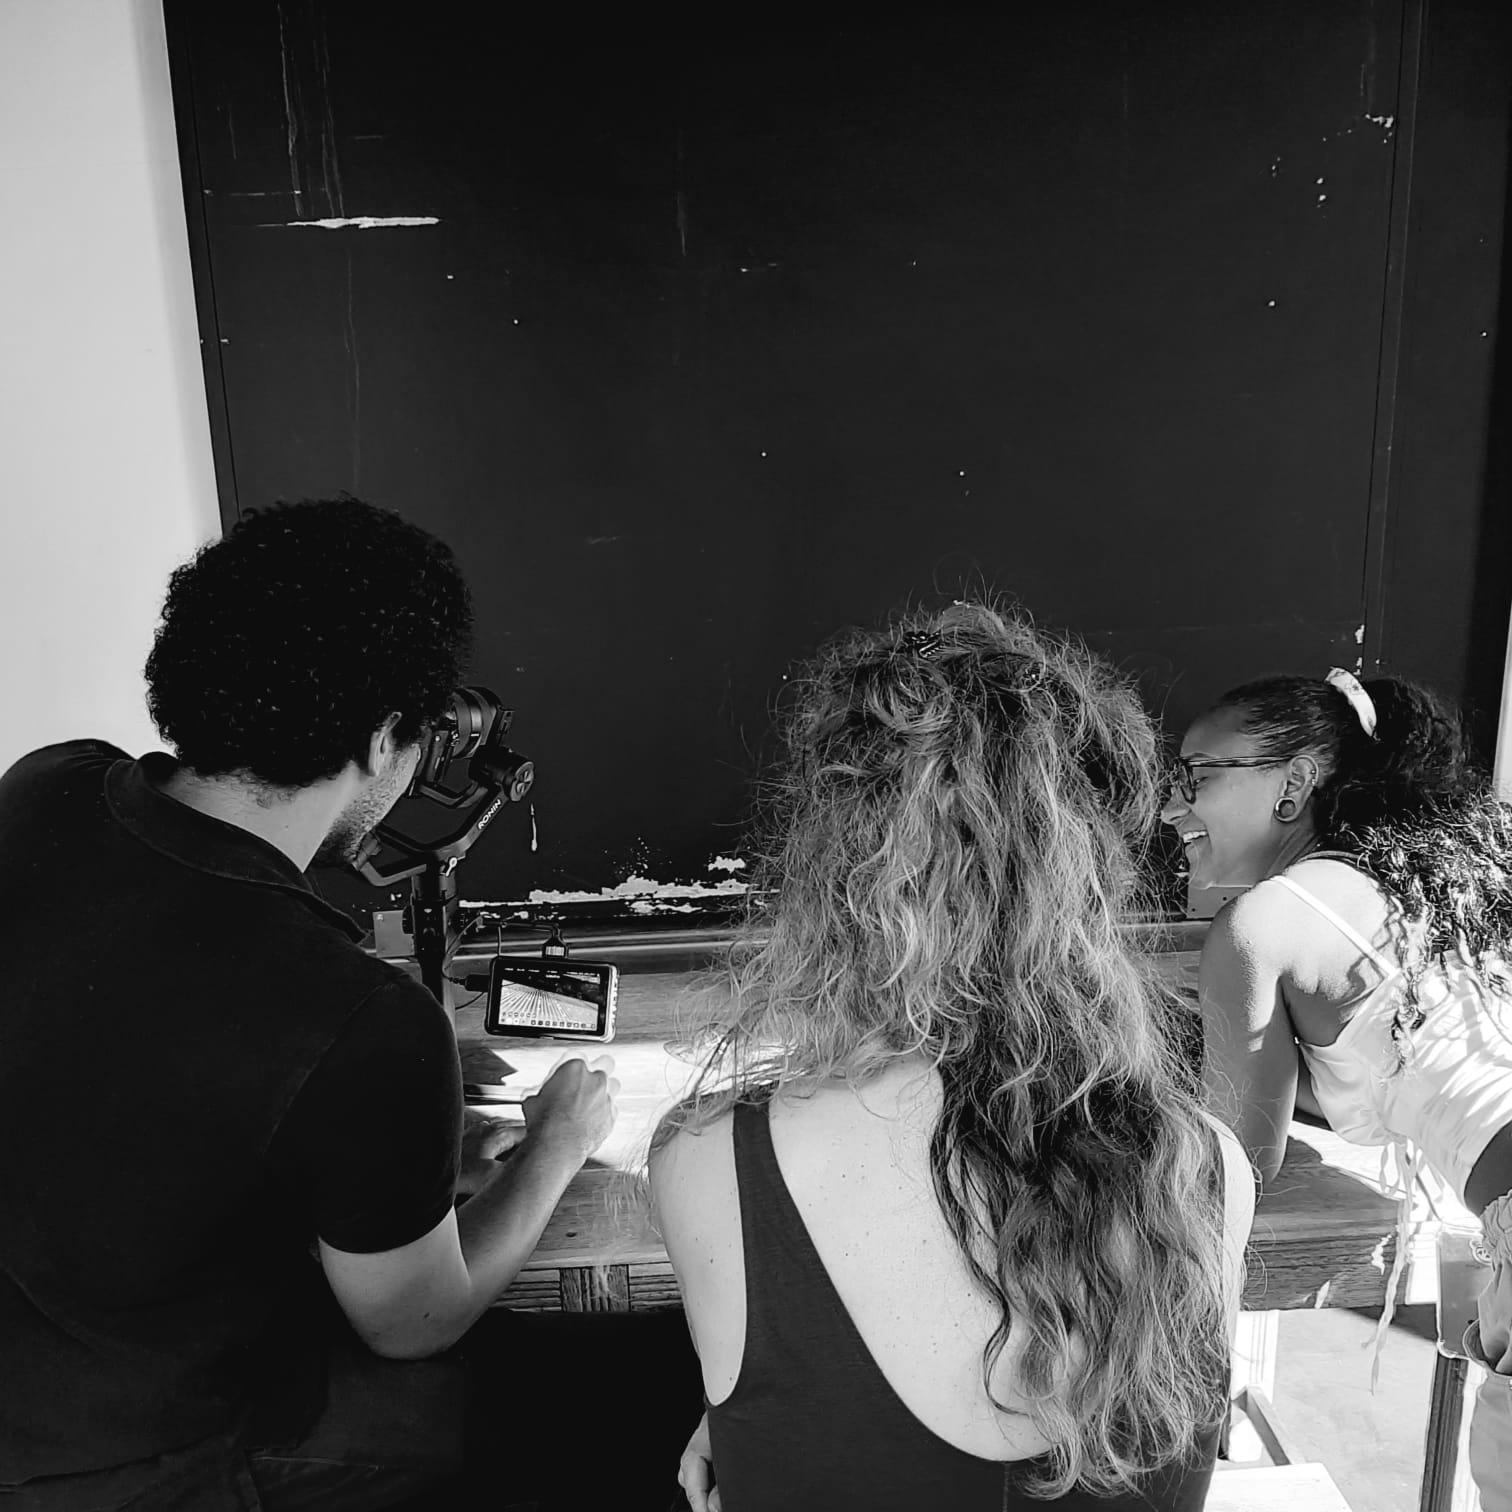 Photo noir et blanc de l'équipe travaillant sur un tournage